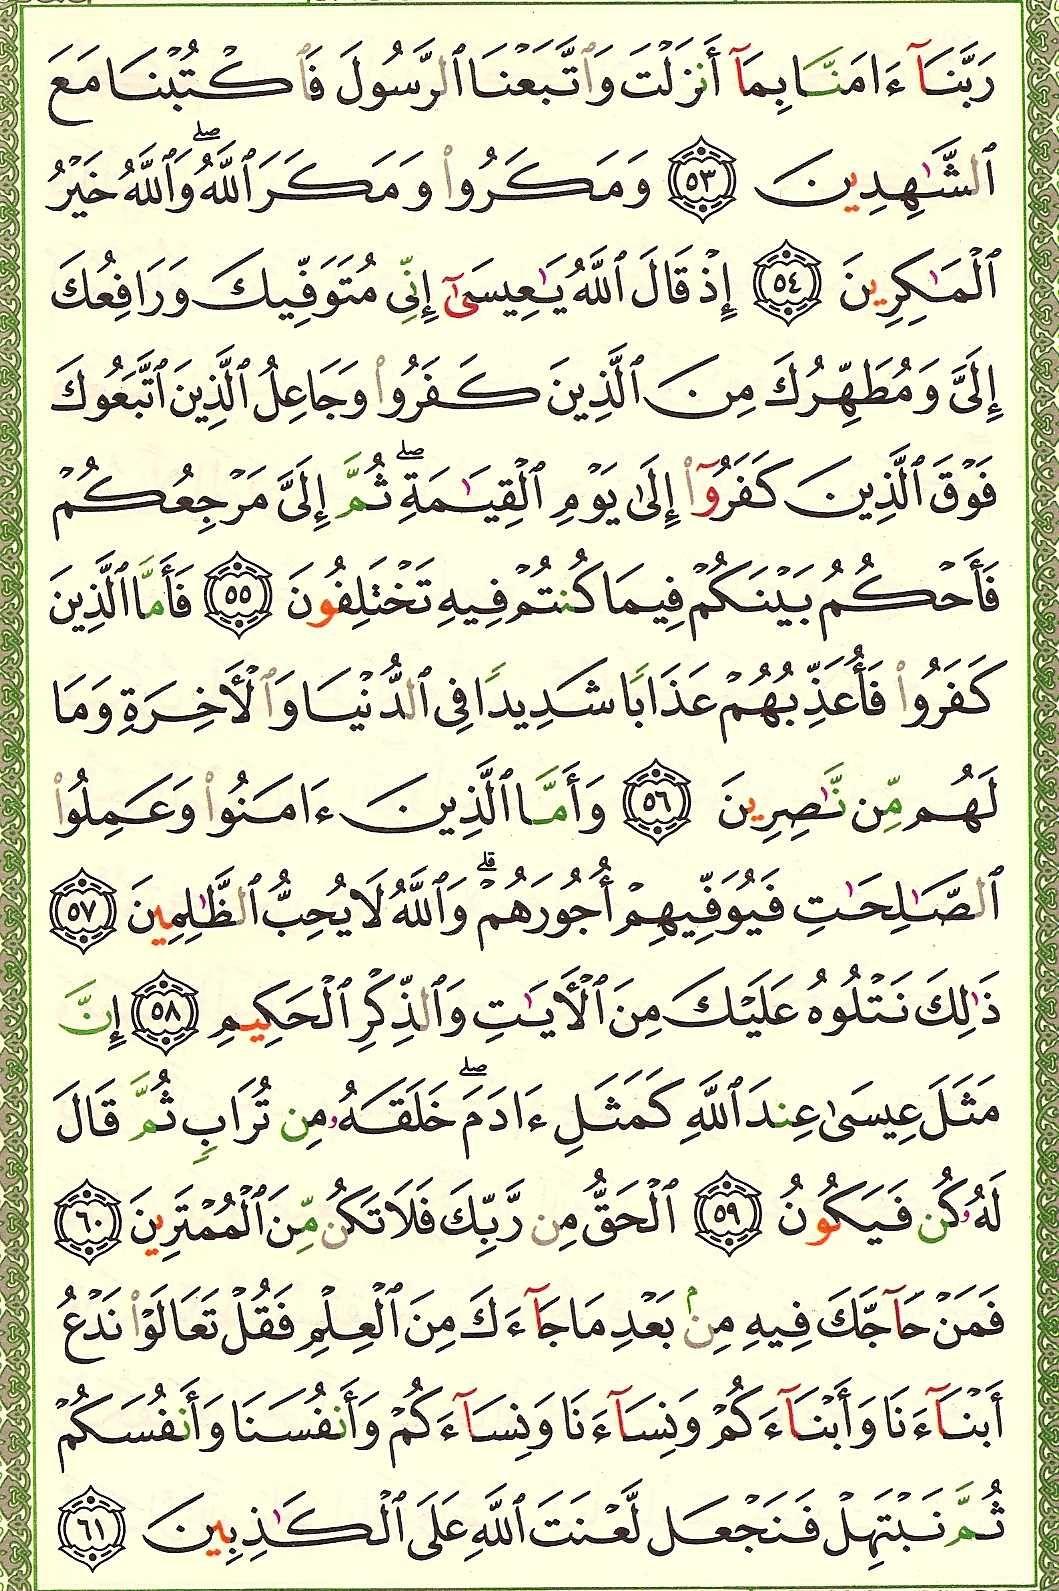 3. سورة آل عمران - Al-Imran مصورة من المصحف الشريف 057